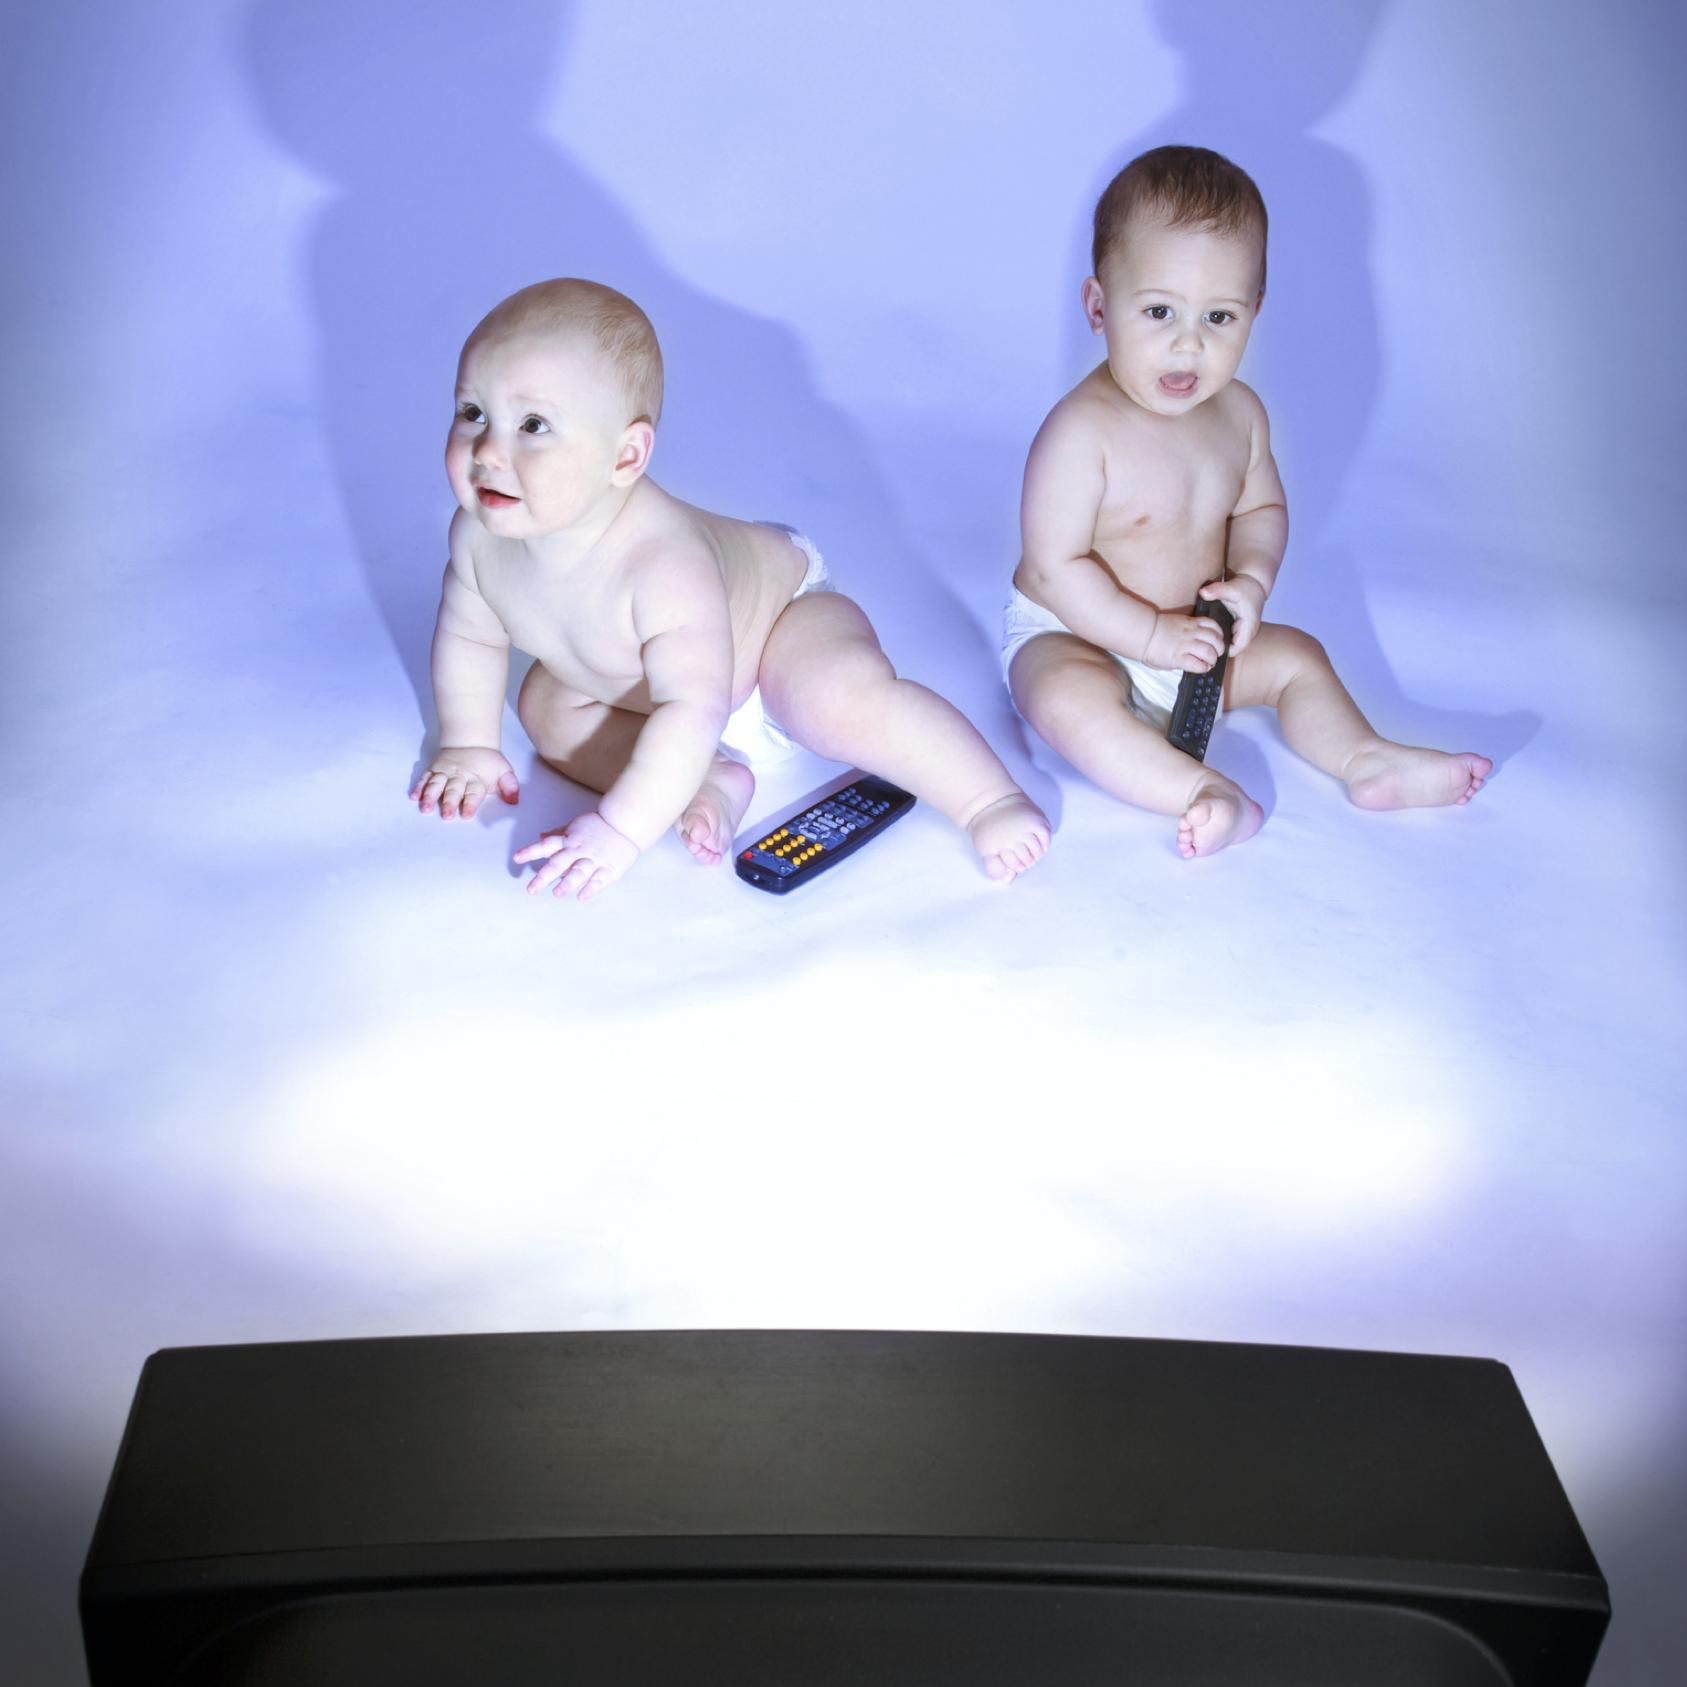 bébés devant la télévision attention aux dangers